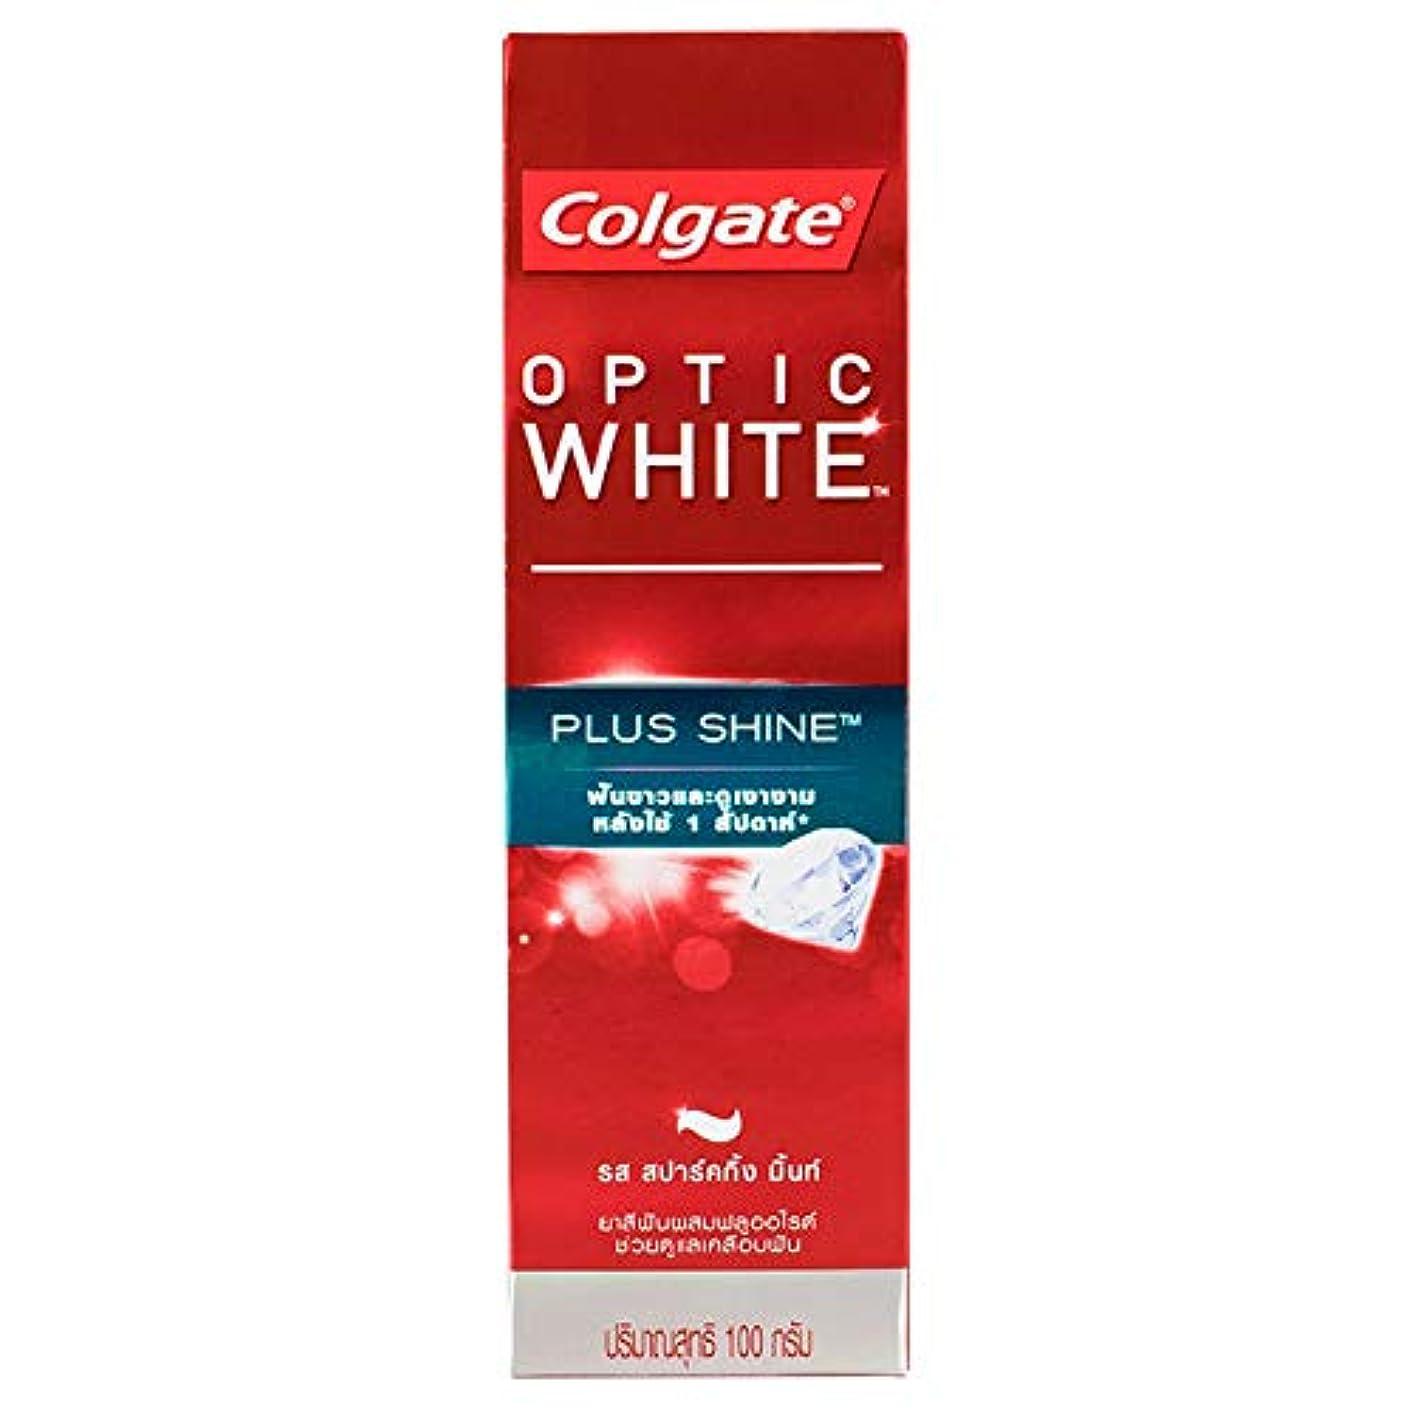 (コルゲート)Colgate 歯磨き粉 「オプティック ホワイト 」 (プラス シャイン)